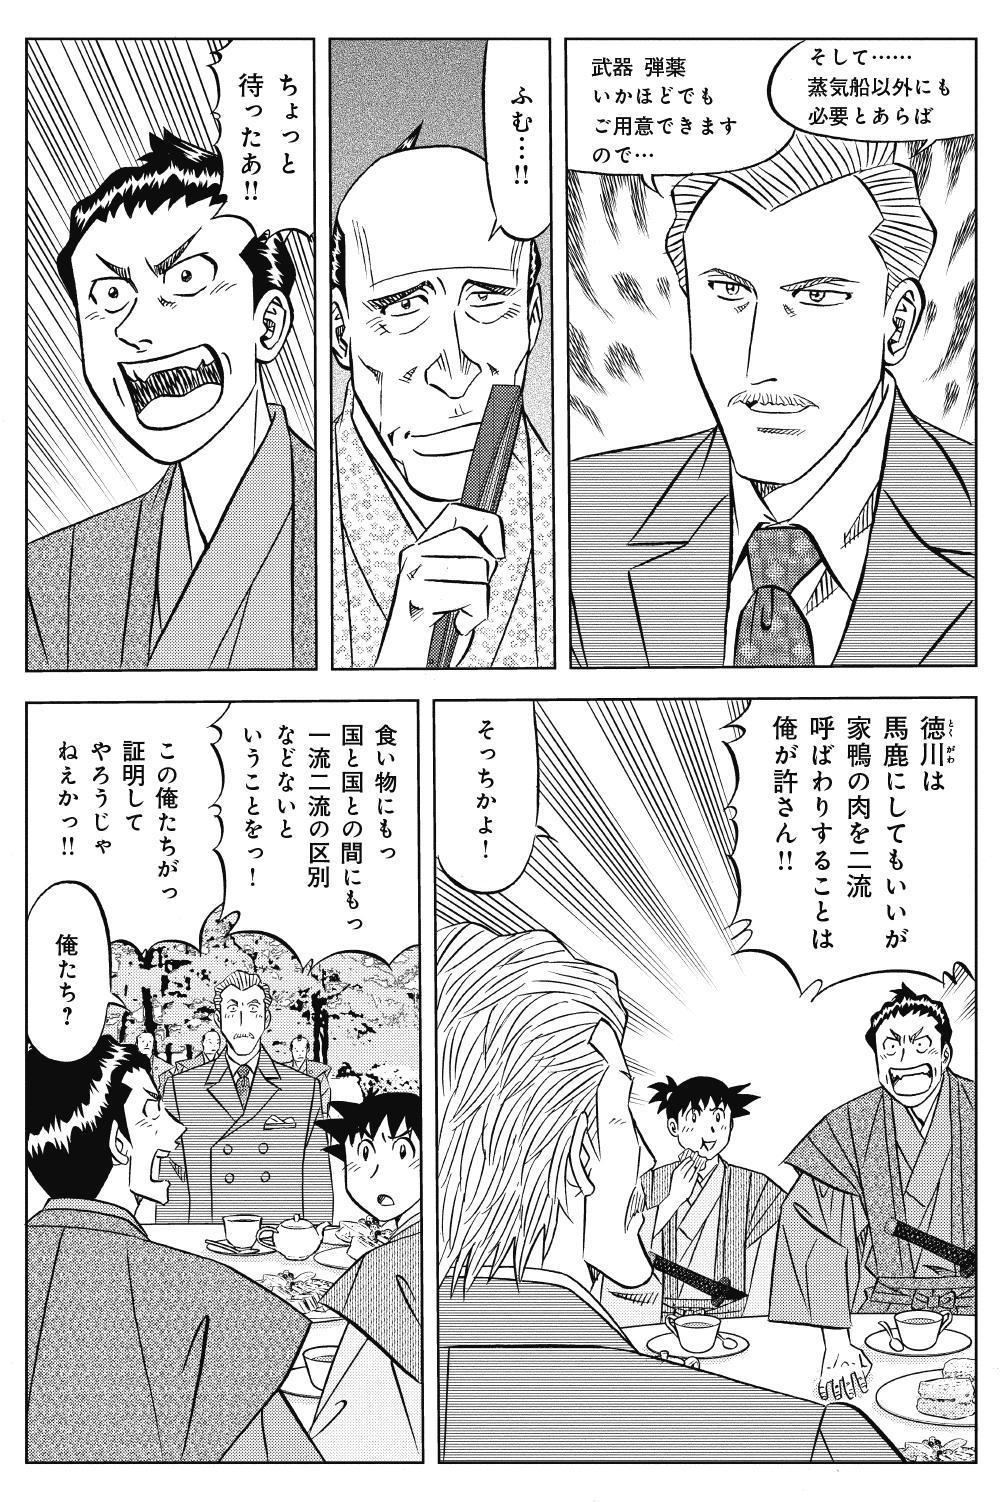 ミスター味っ子 幕末編 第2話「列強襲来」①ajikko2-1-17.jpg